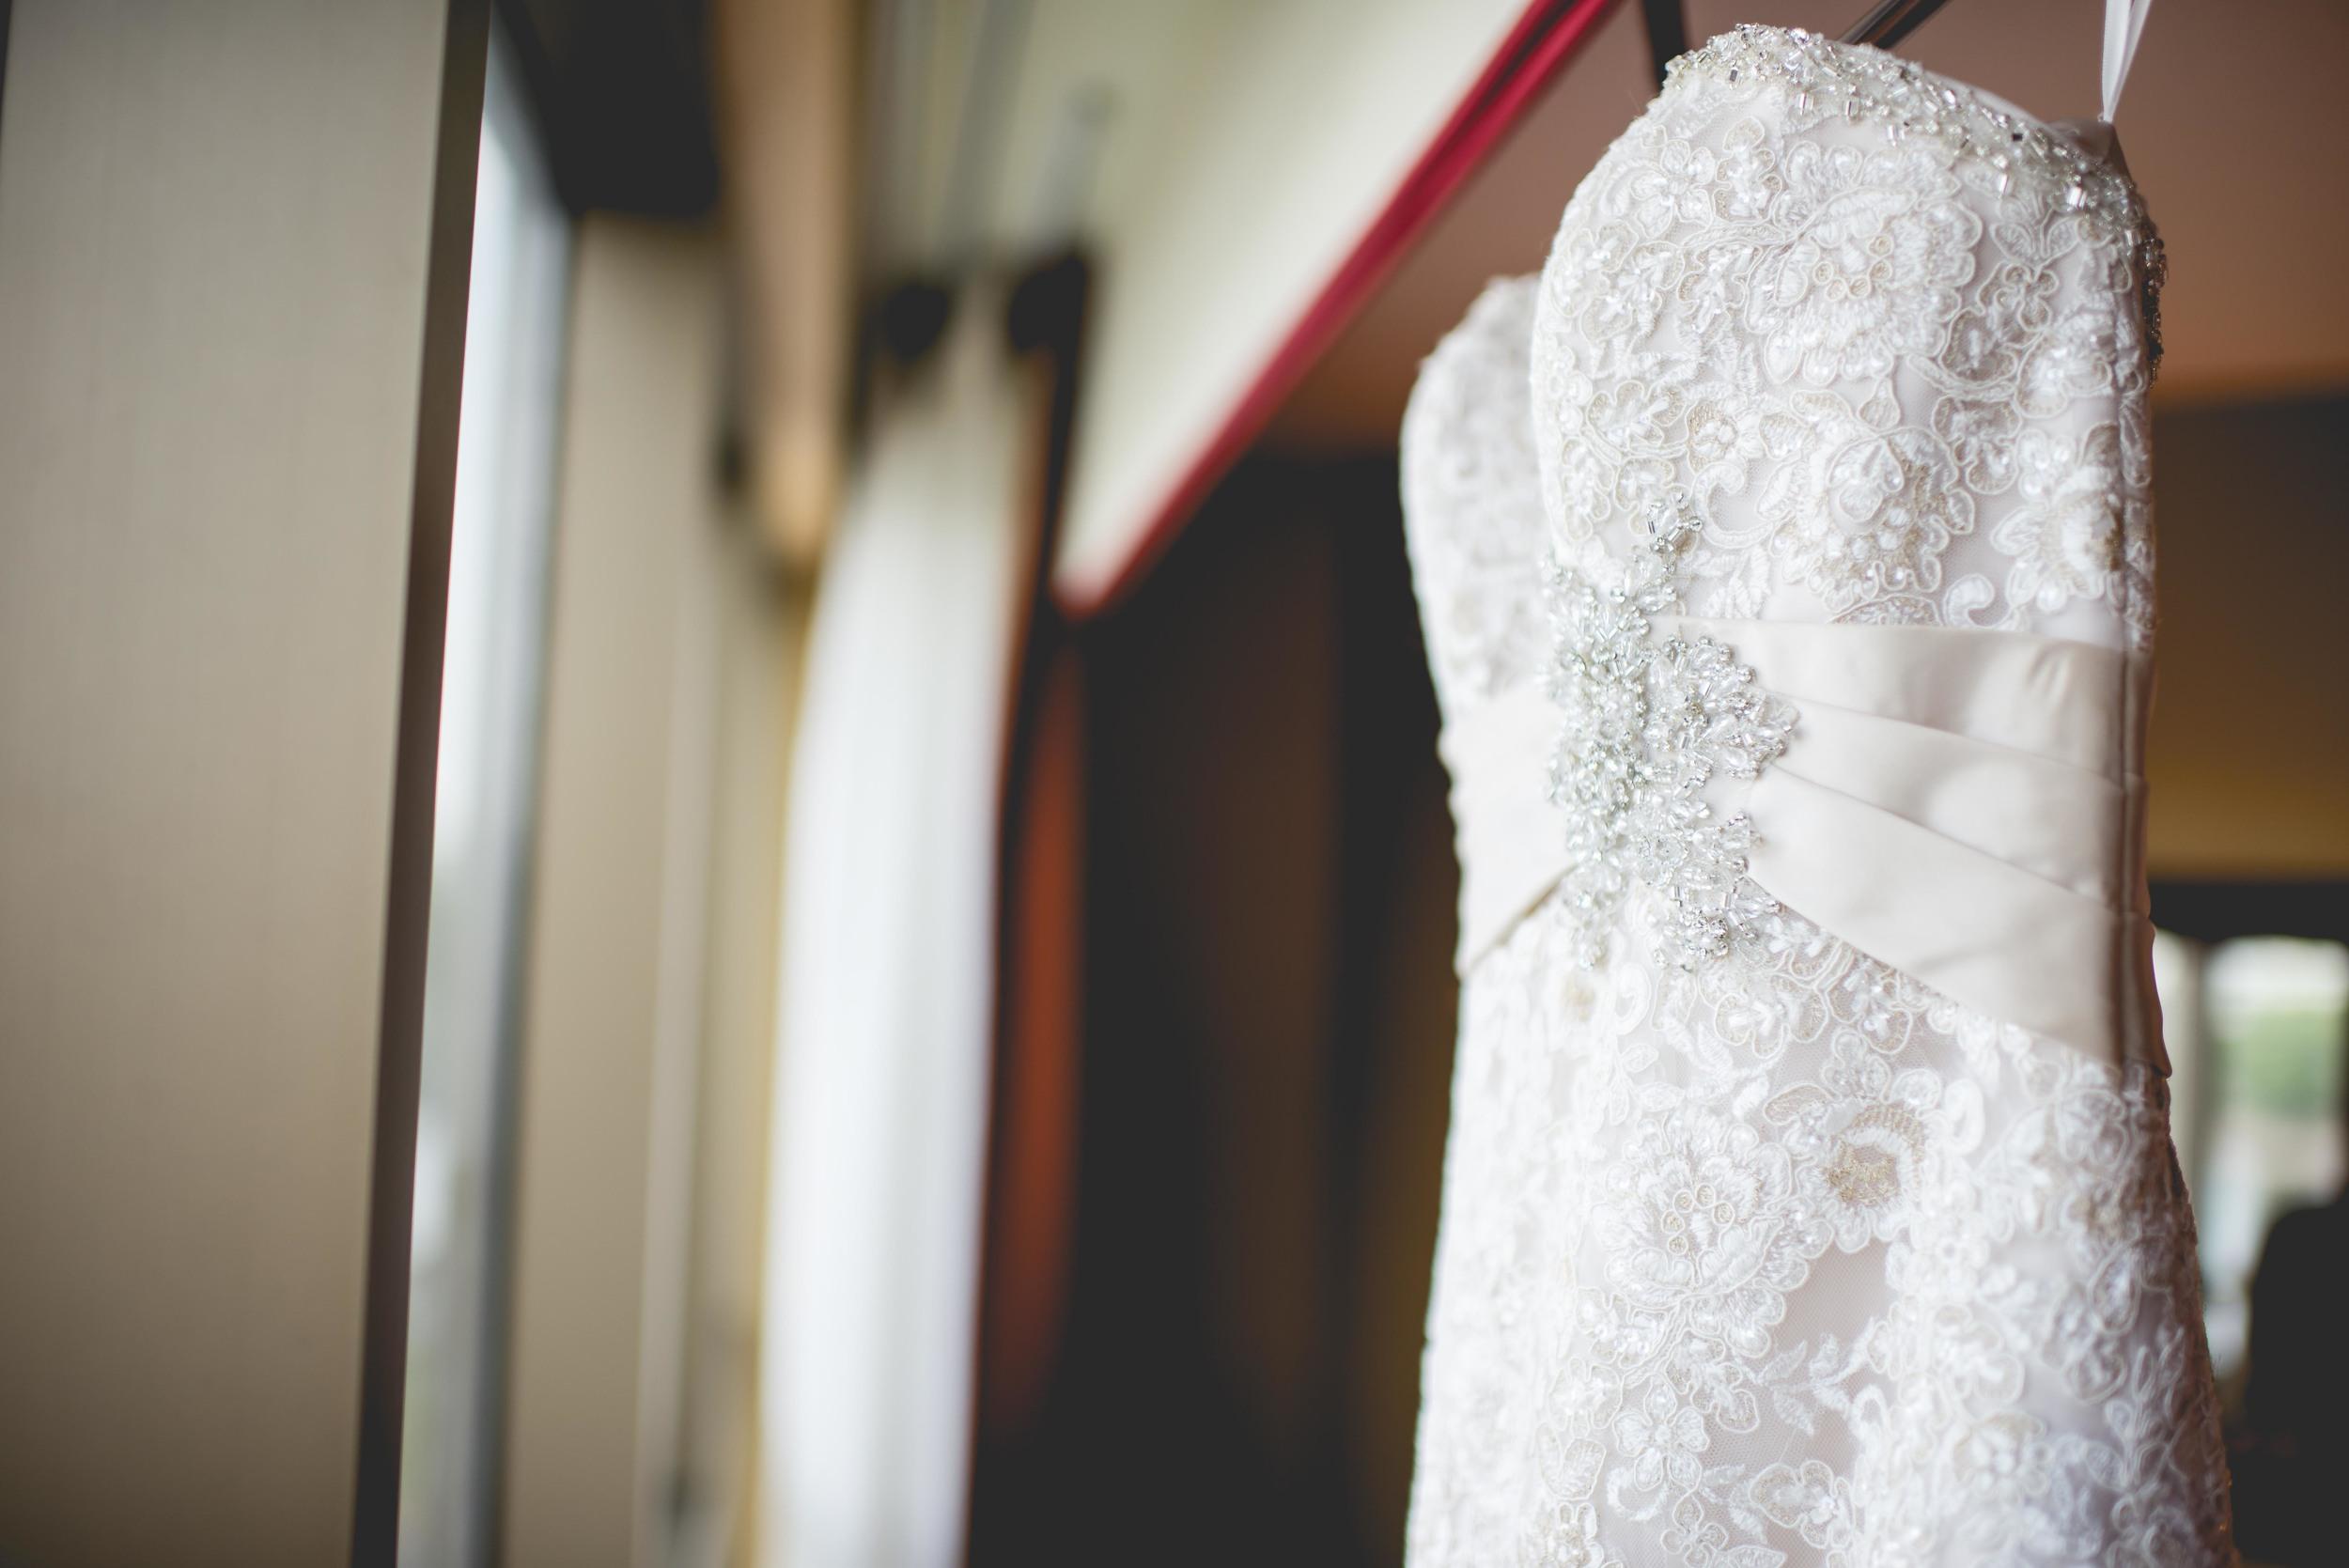 sarasutterphotography_wedding_drewanderin_2015-110.jpg